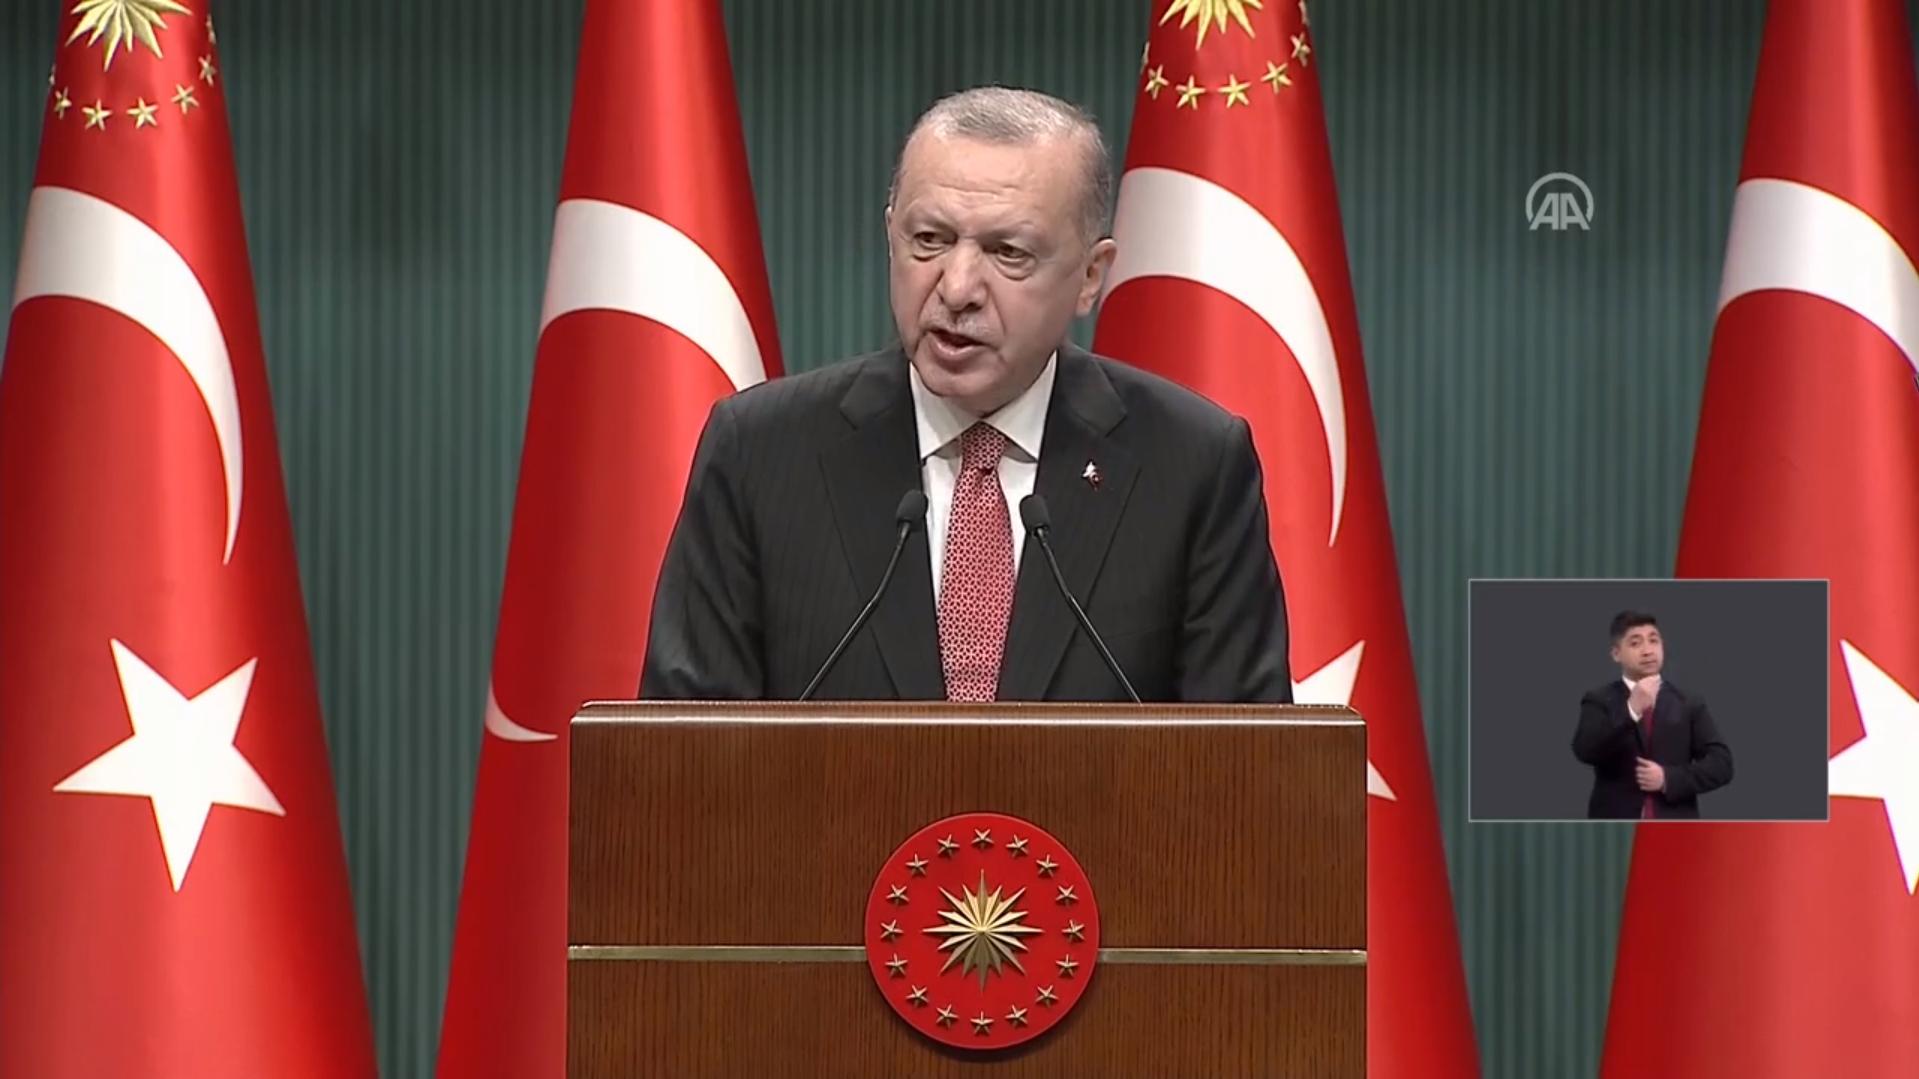 Cumhurbaşkanı Erdoğan yeni normalleşme kararlarını duyurdu! Sokağa çıkma kısıtlamaları tümüyle kaldırılıyor